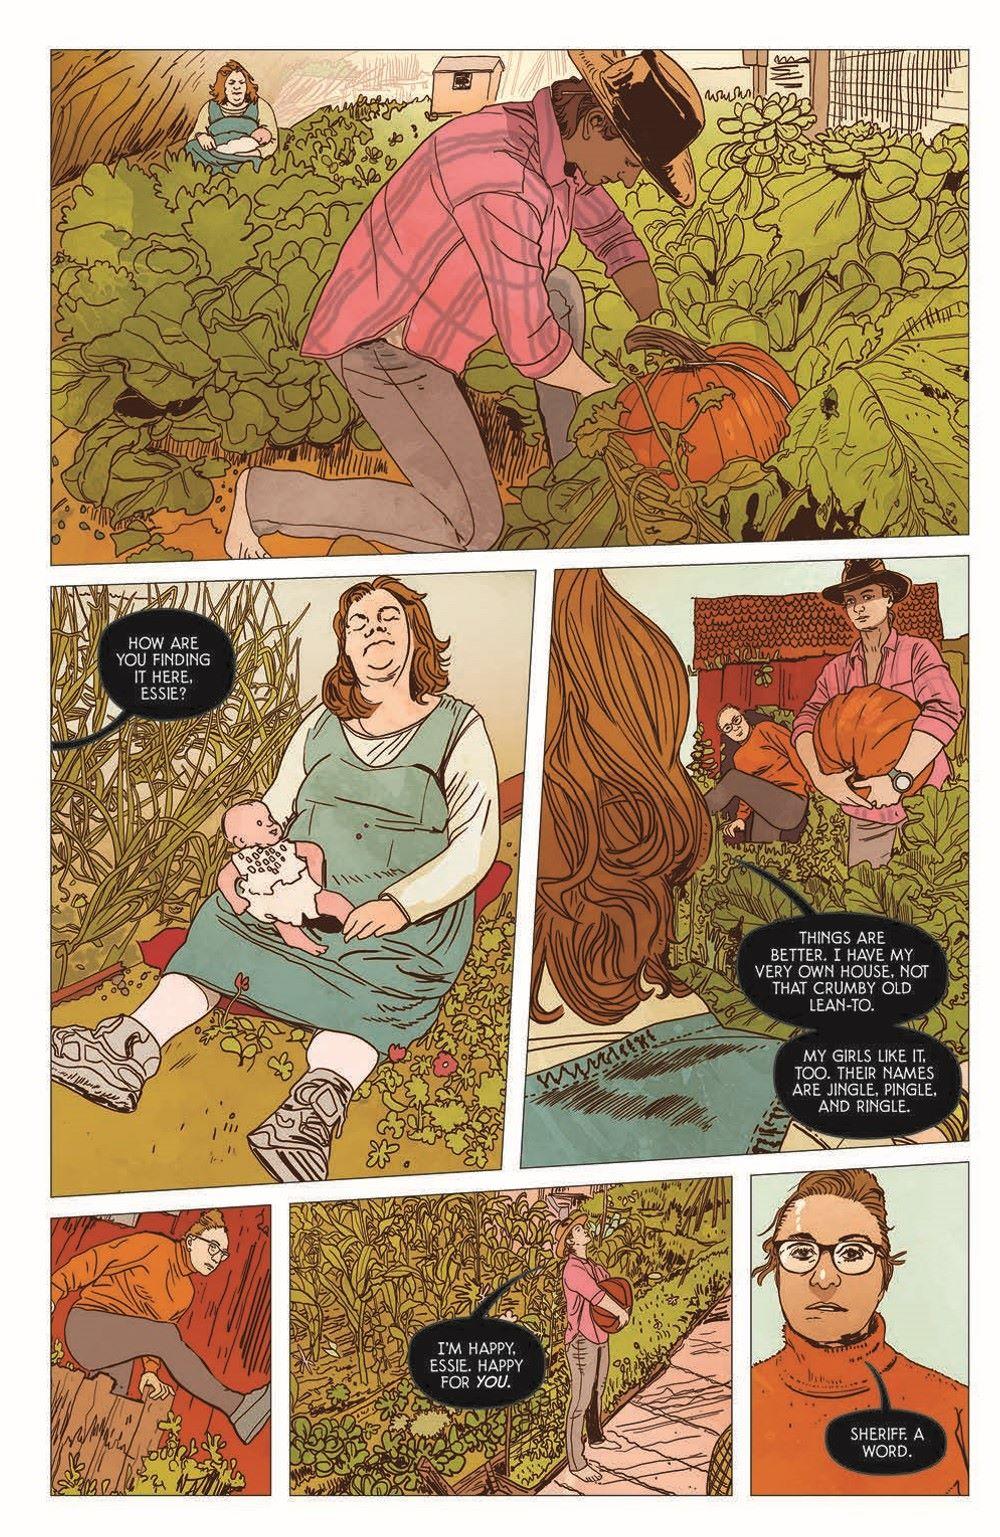 SleepingBeauties_06_pr-7 ComicList Previews: SLEEPING BEAUTIES #6 (OF 10)